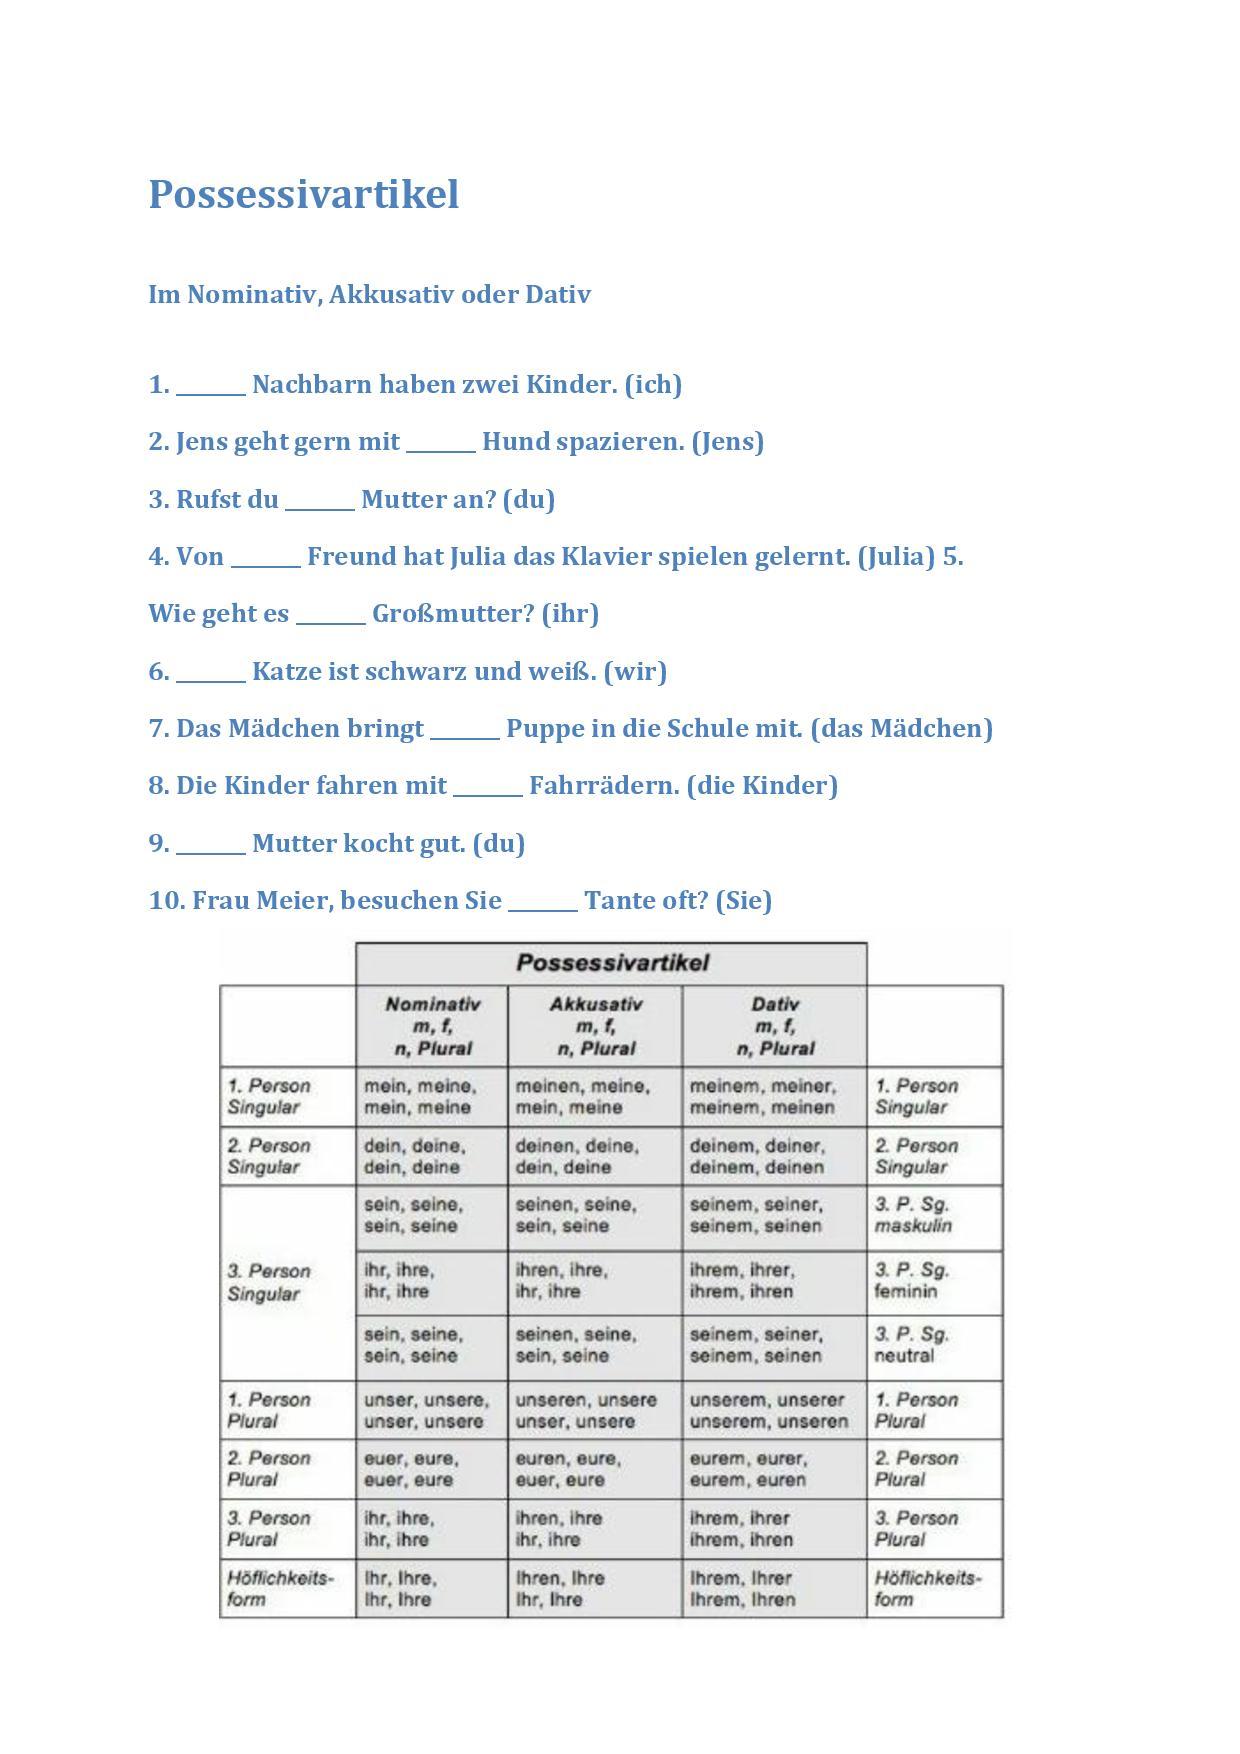 12 - Im Nominativ, Akkusativ oder Dativ